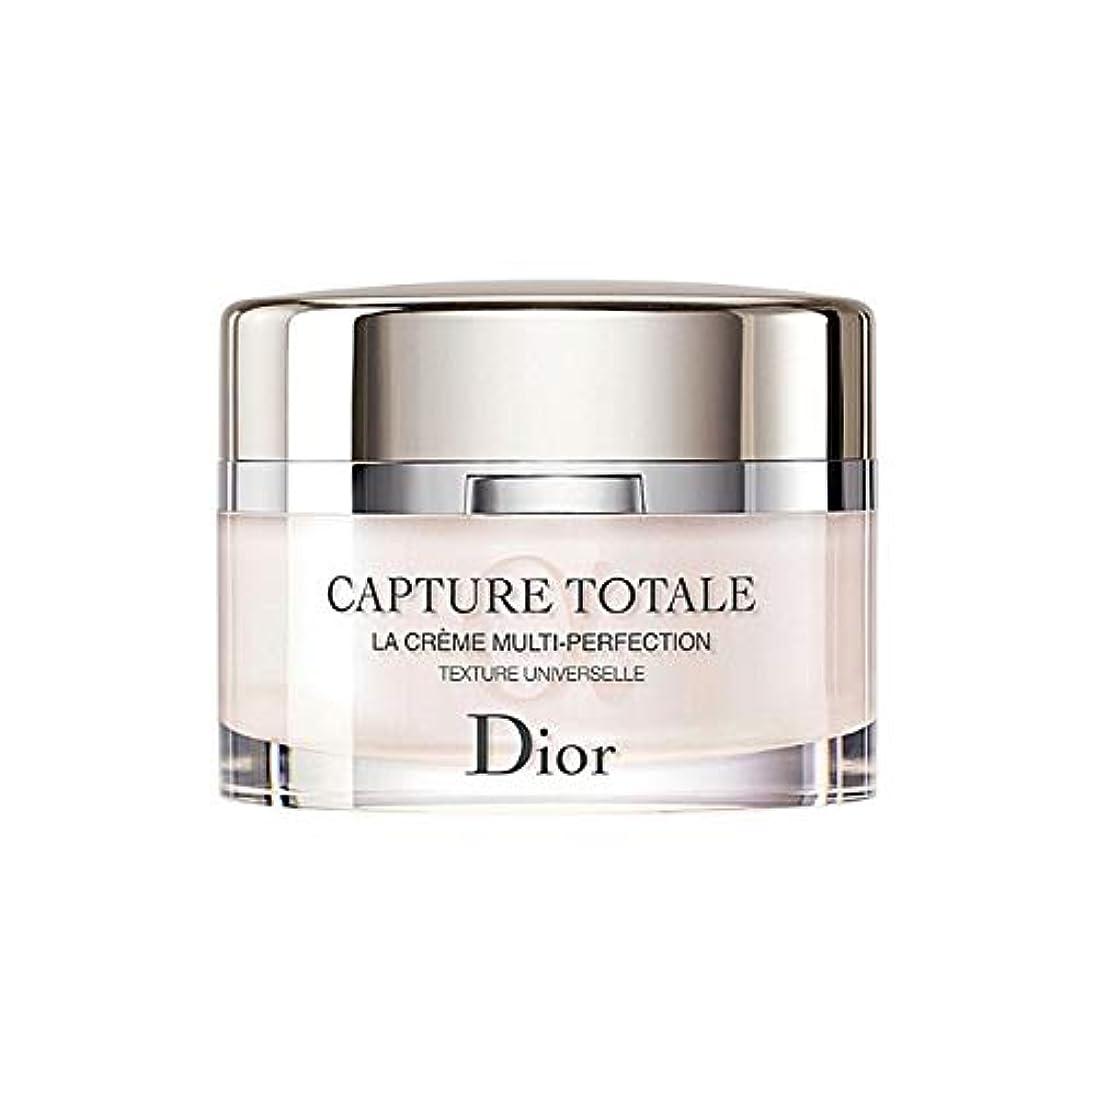 ヘルメット砂のガイダンス[Dior] ディオールマルチパーフェクションクリームユニバーサルテクスチャ60ミリリットル - Dior Multi-Perfection Creme Universal Texture 60ml [並行輸入品]